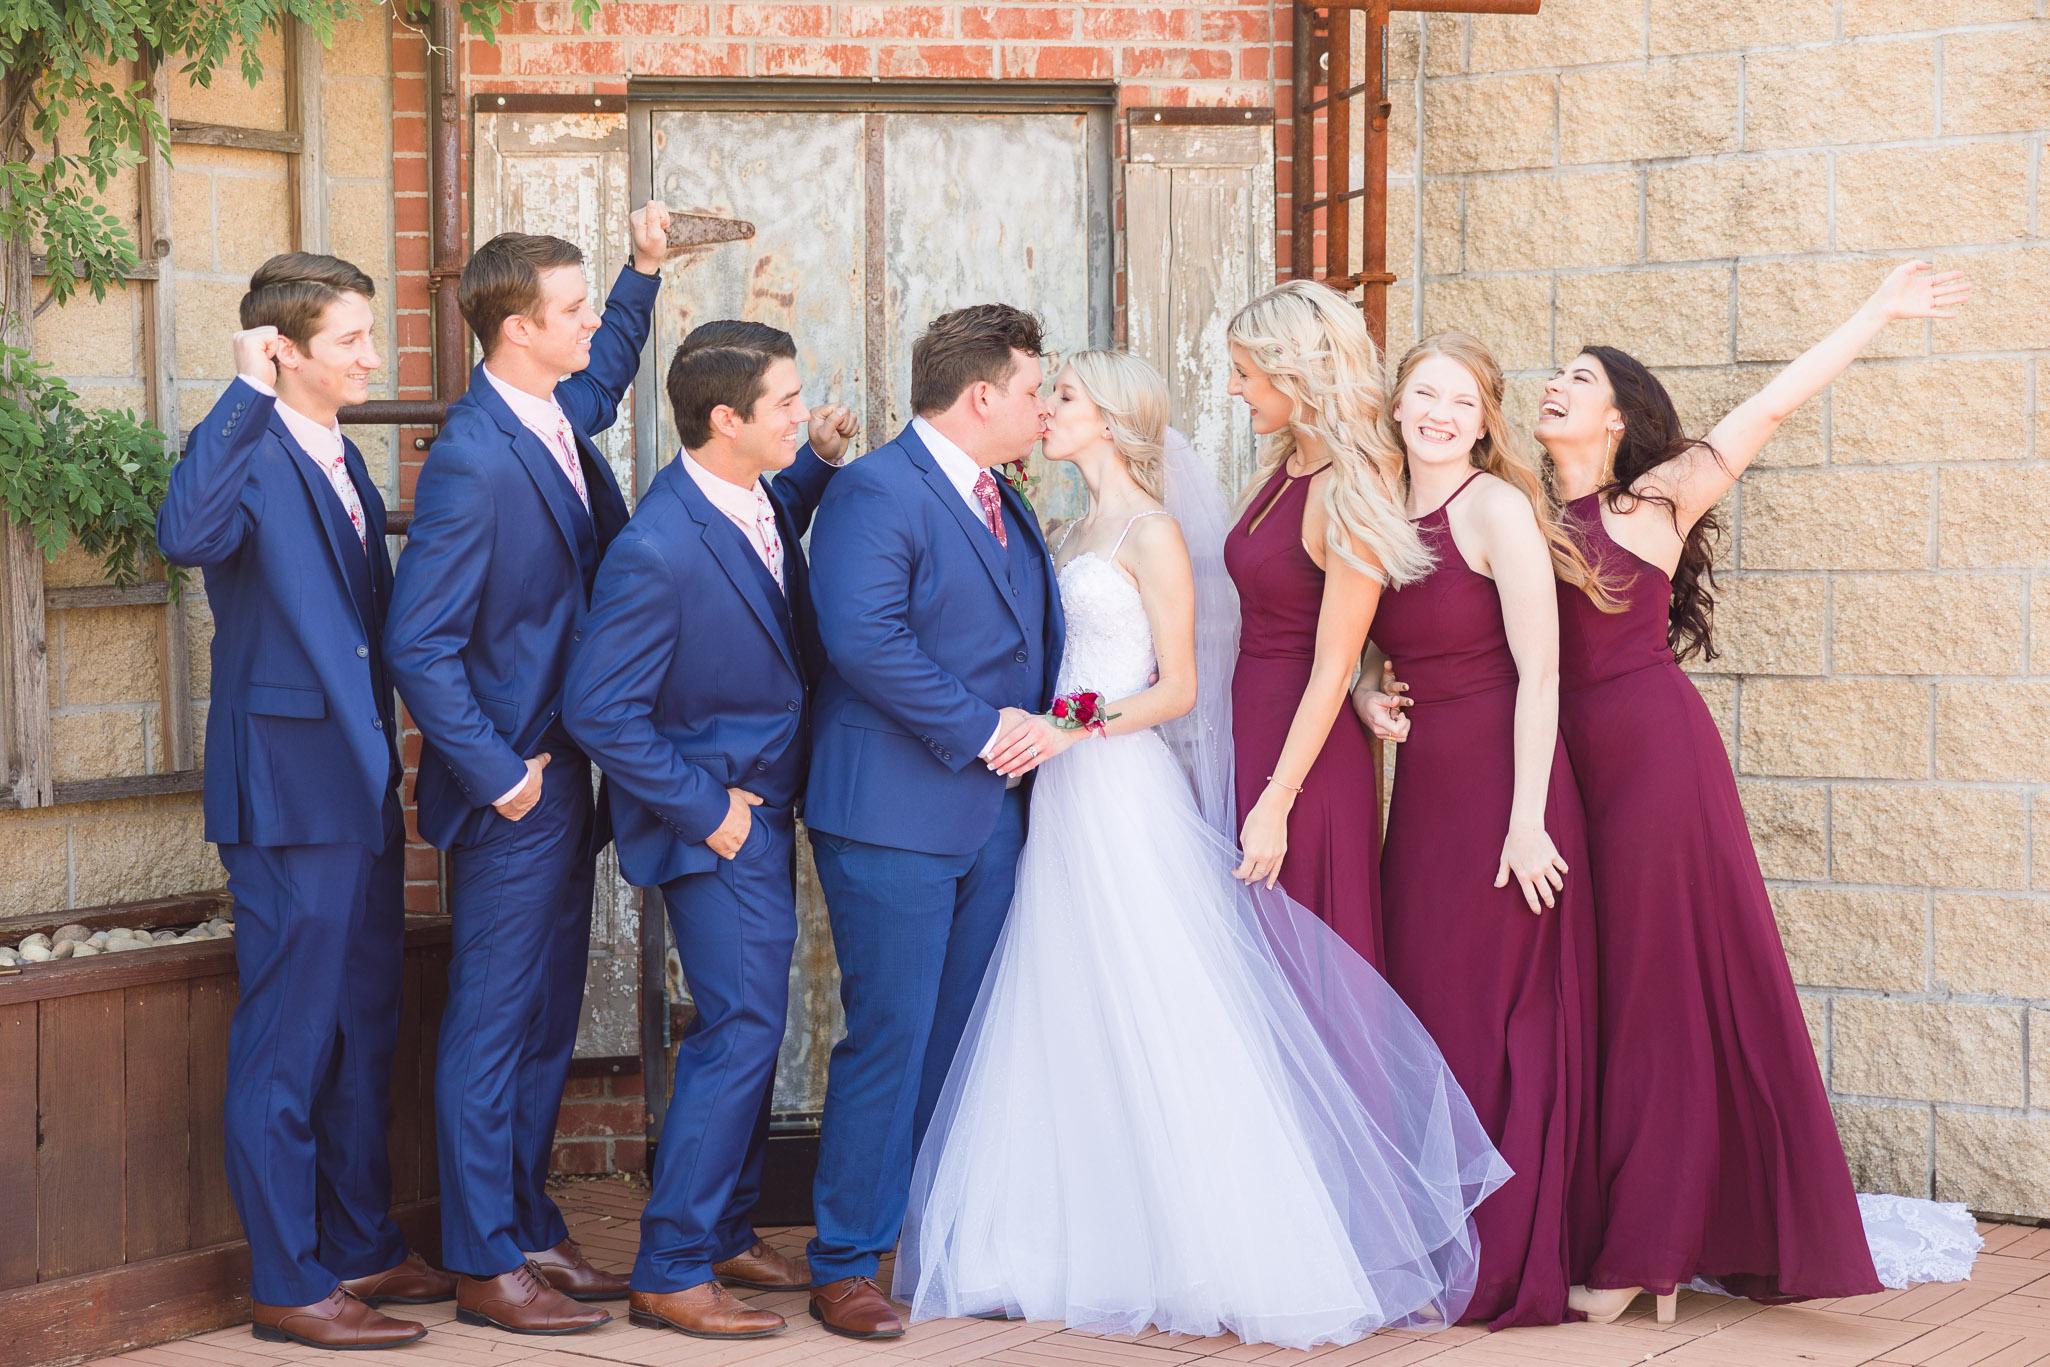 The Stanley wedding reception in Lee's Summit Missouri